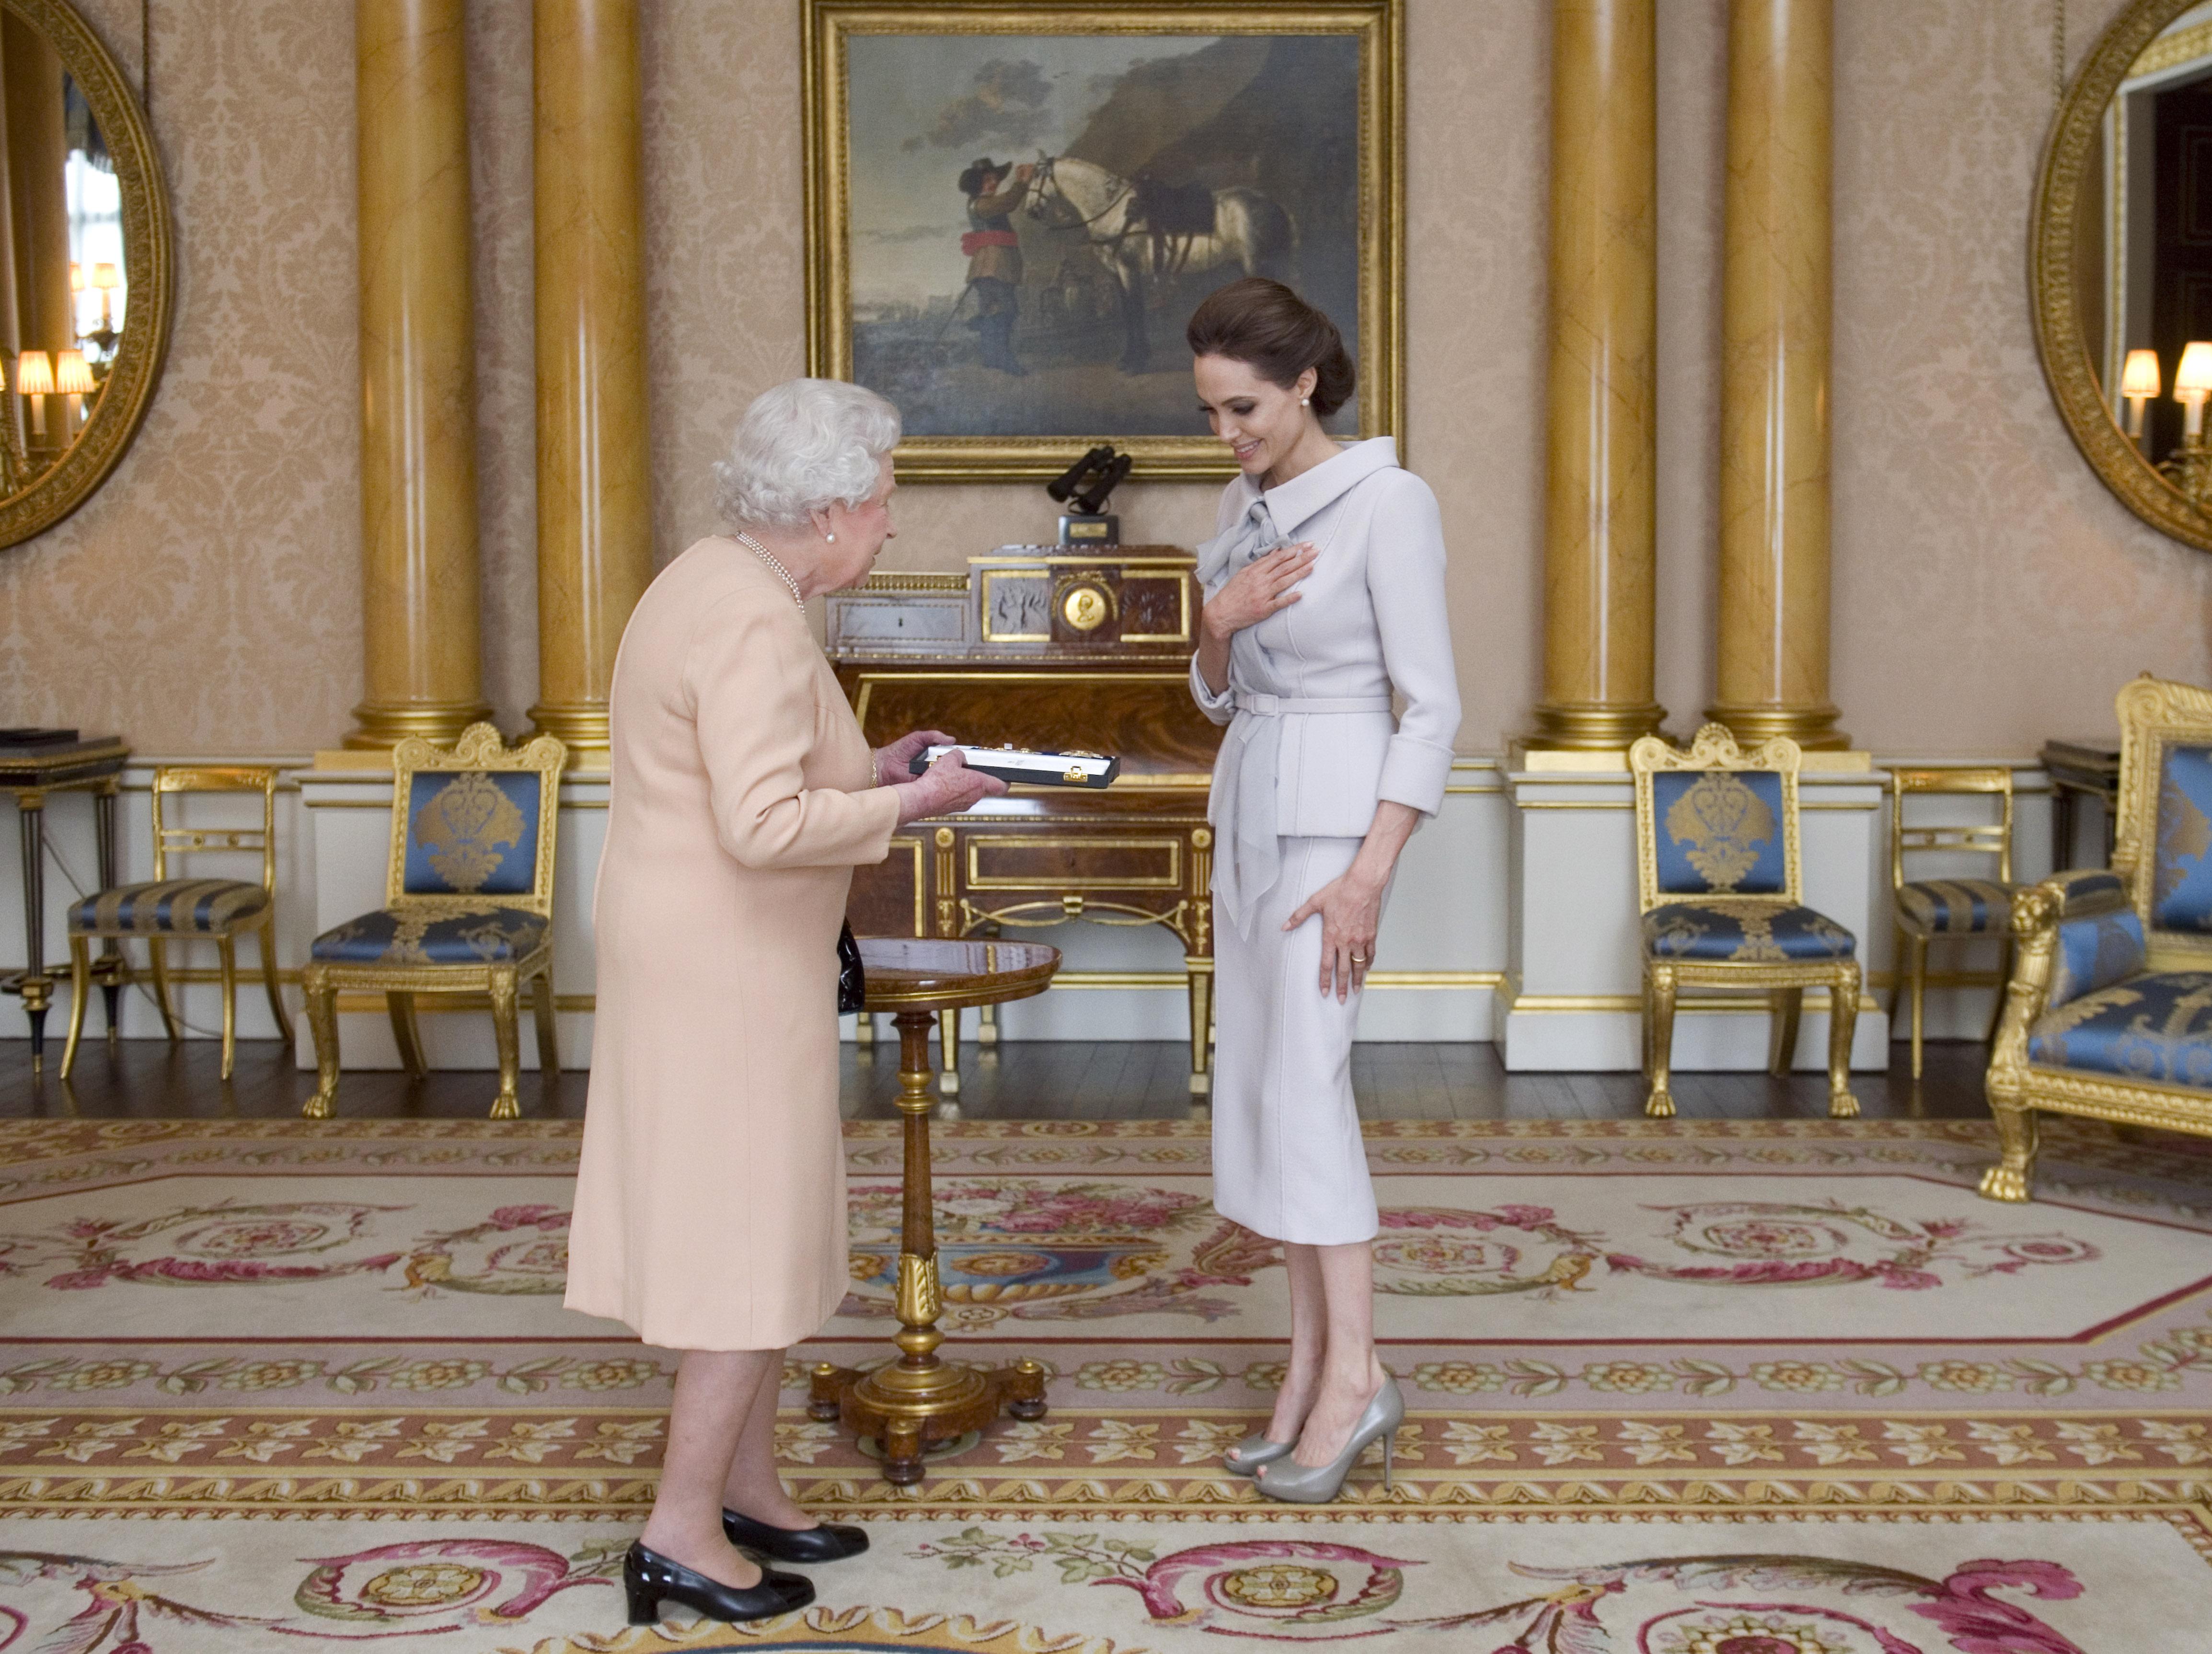 През 2014 г., когато Анджелина стана почетна дама на Кралица Елизабет II.